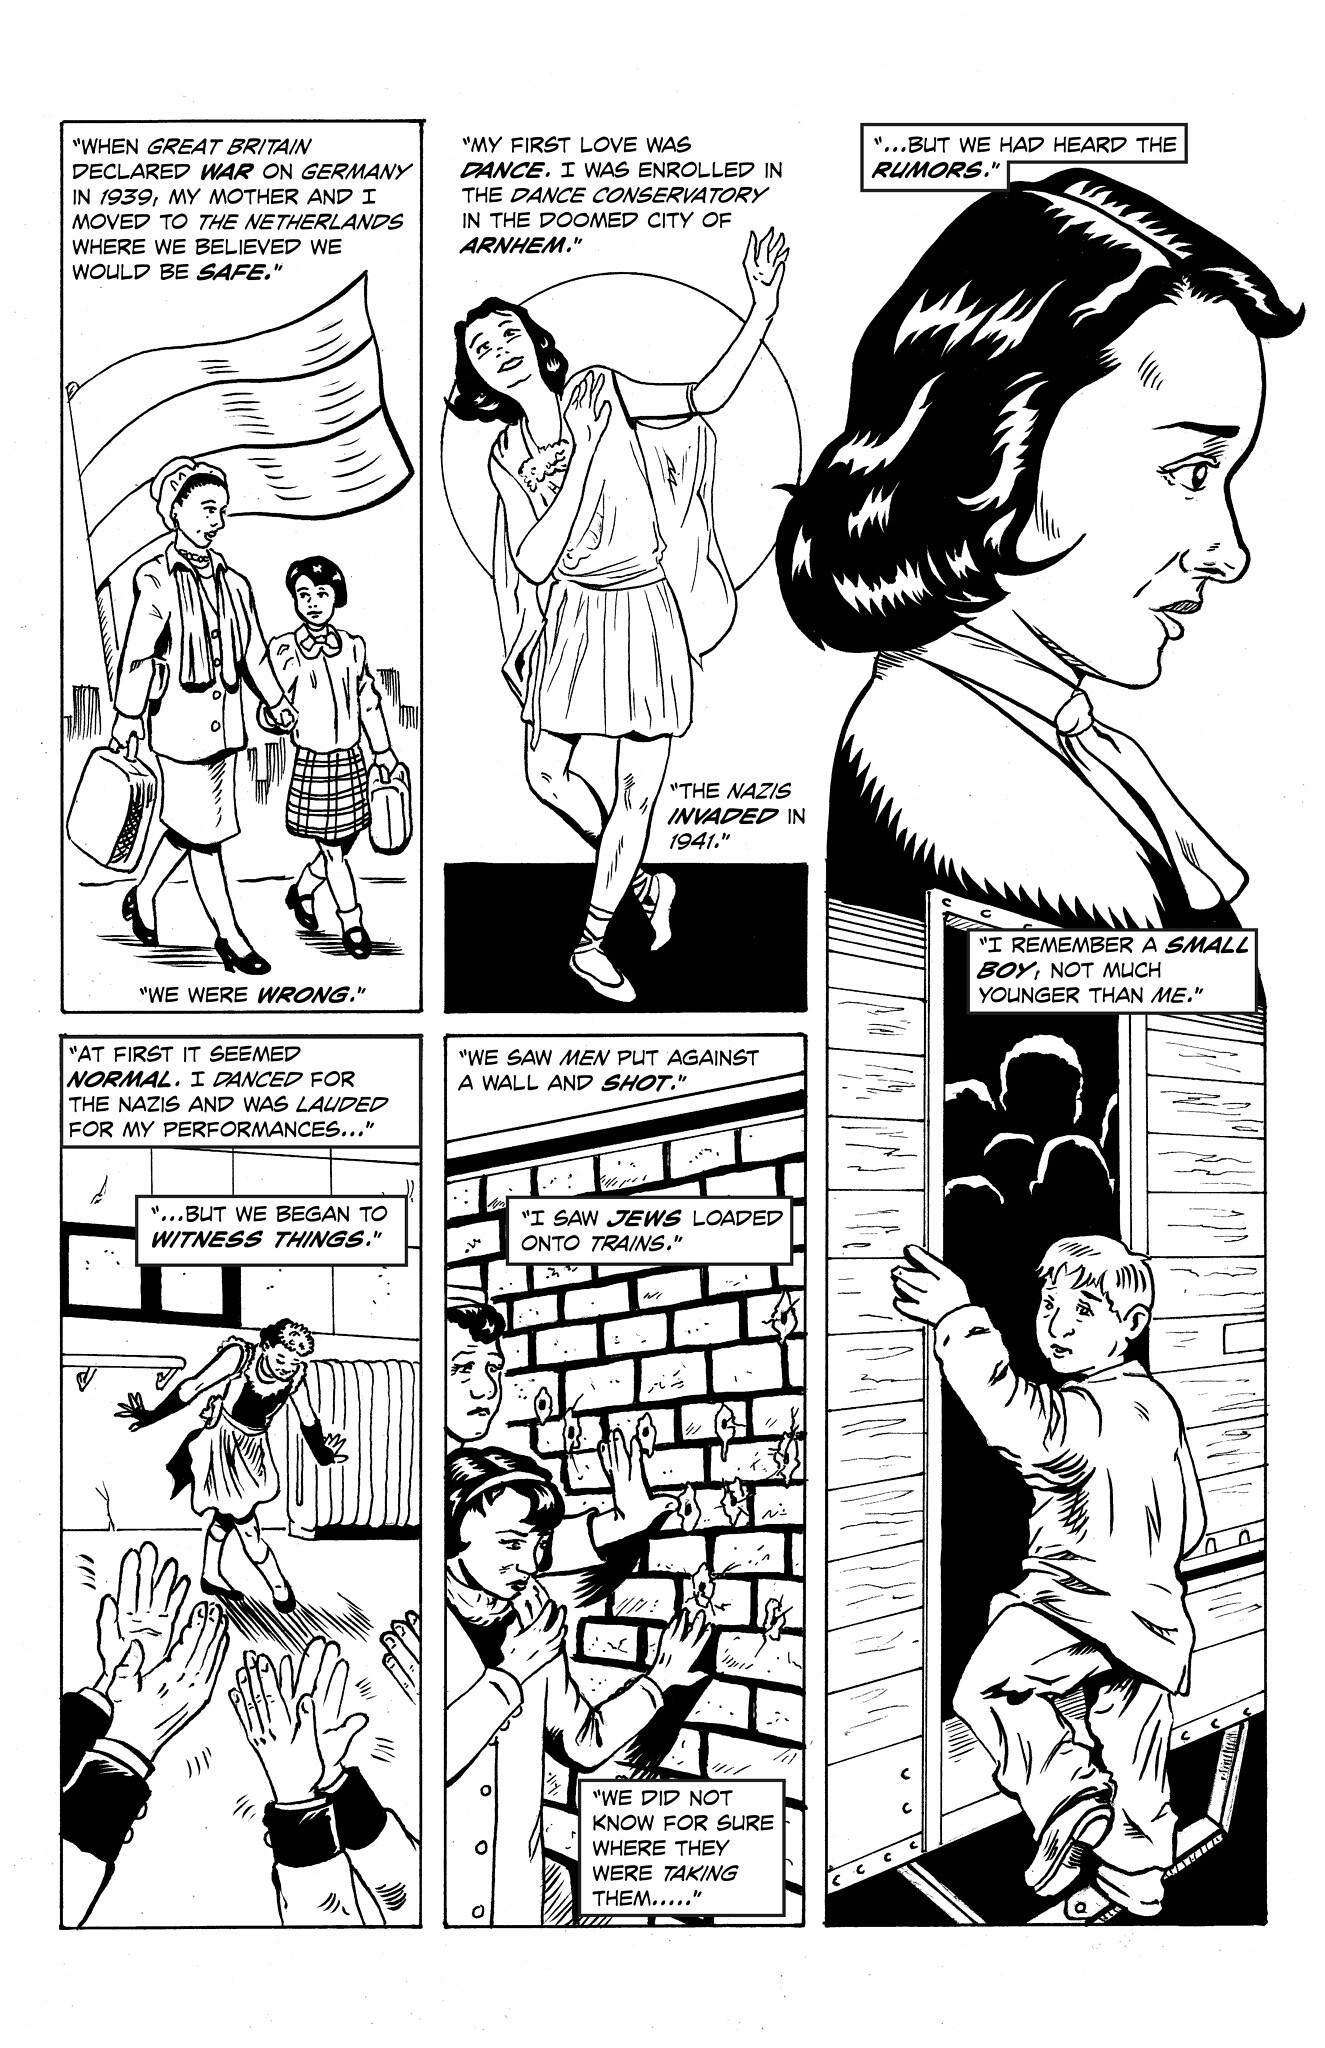 """""""Audrey Hepburn"""" Script by Wayne Wise; Art by Marcel L. Walker & Wayne Wise"""